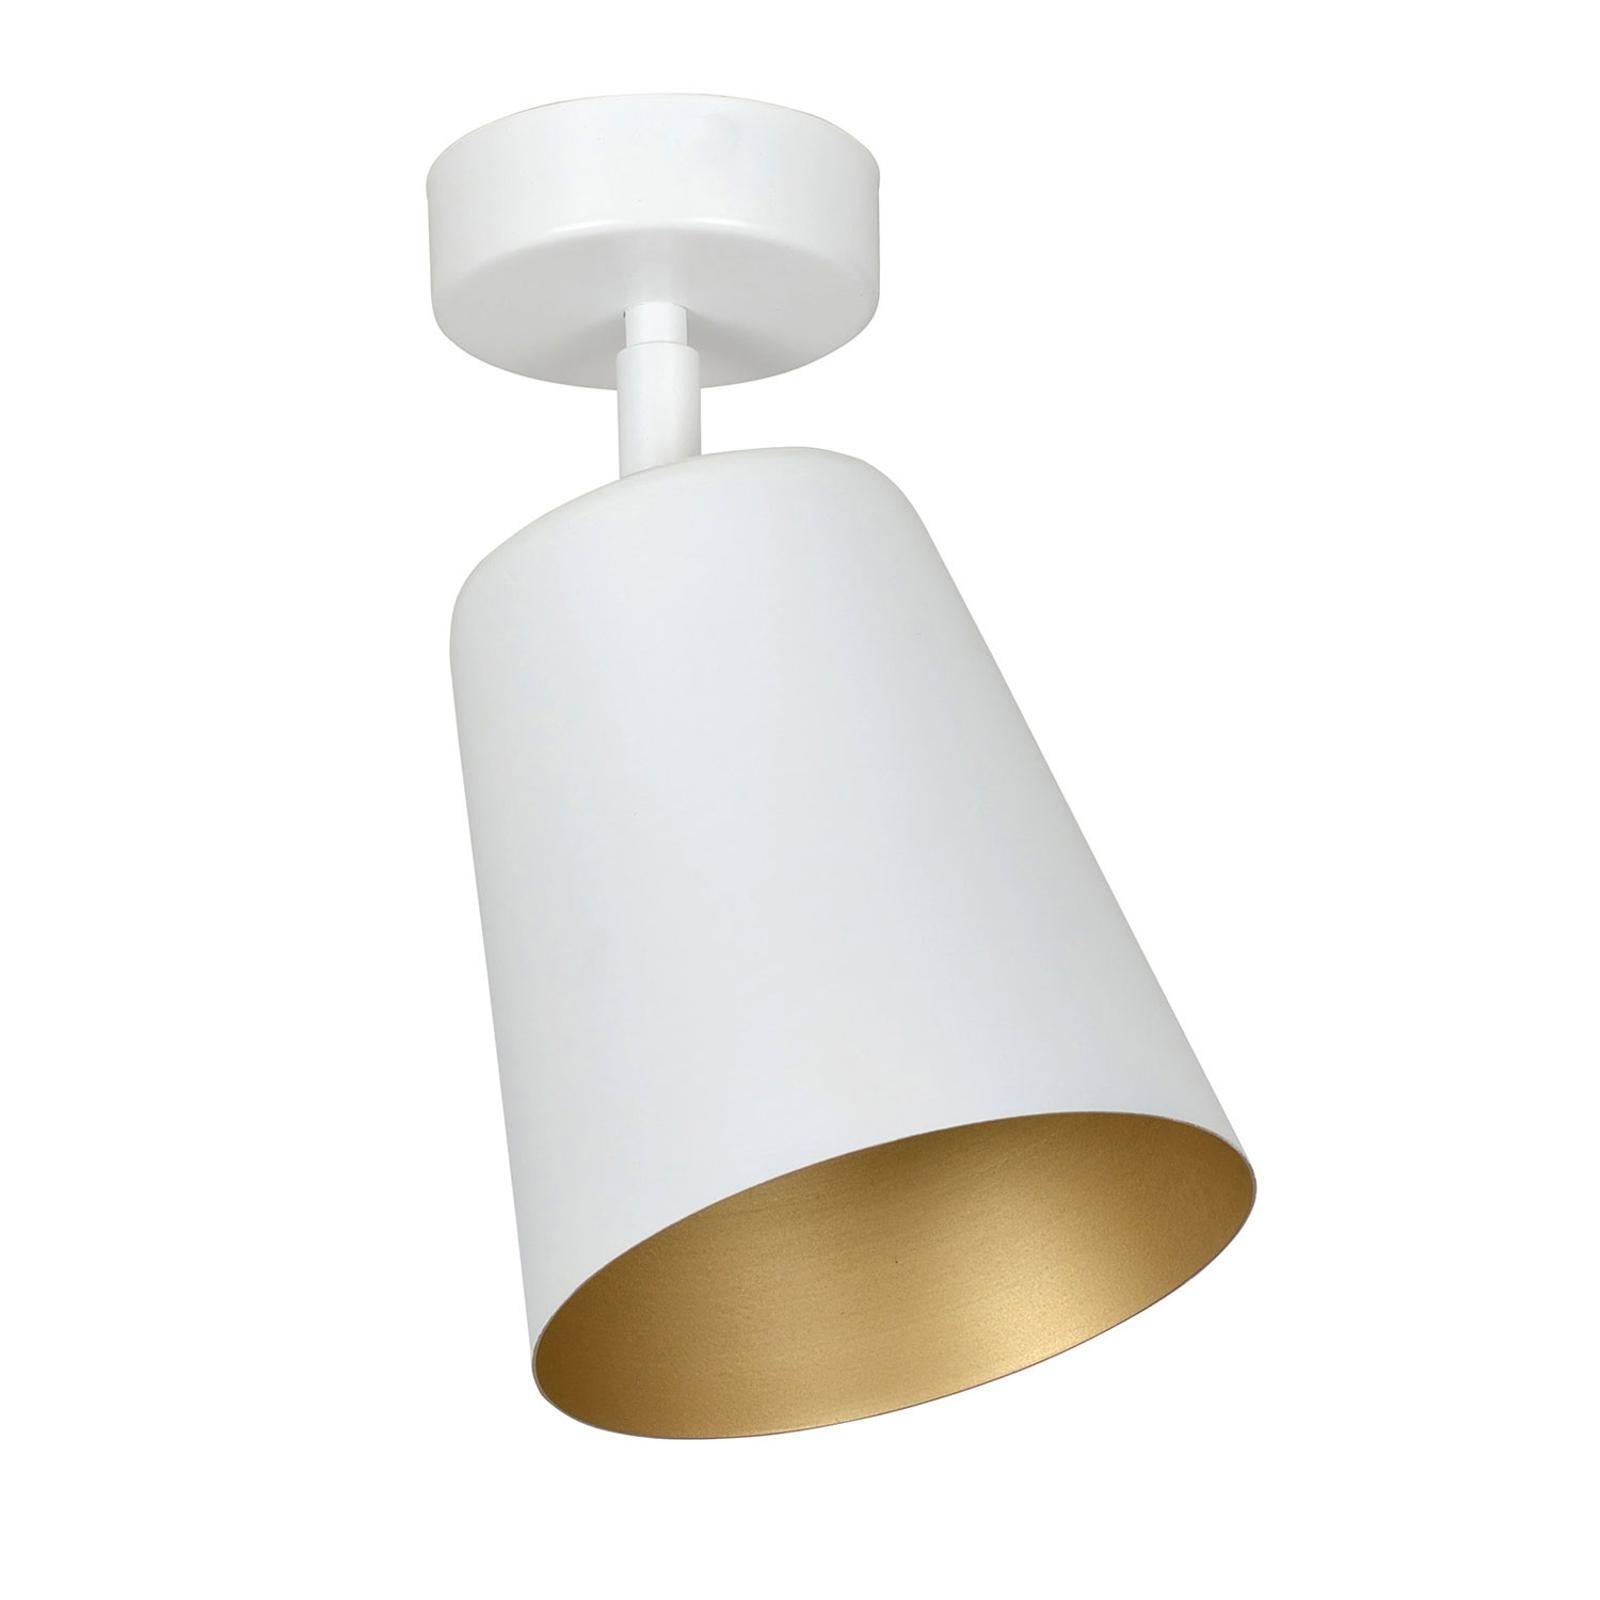 Deckenspot Prism aus Stahl, einflammig, weiß/gold